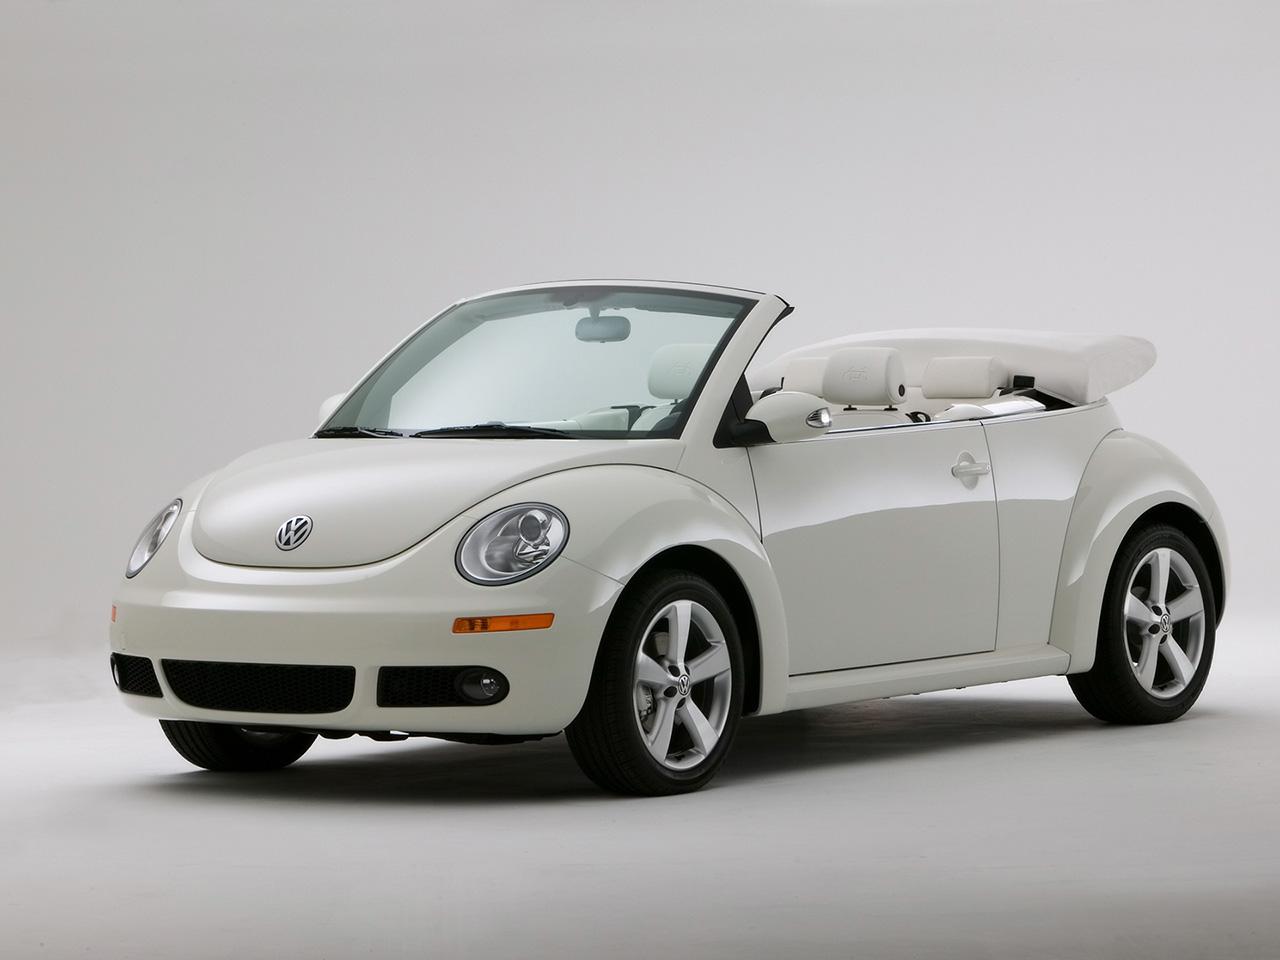 2010 volkswagen new beetle image 11. Black Bedroom Furniture Sets. Home Design Ideas